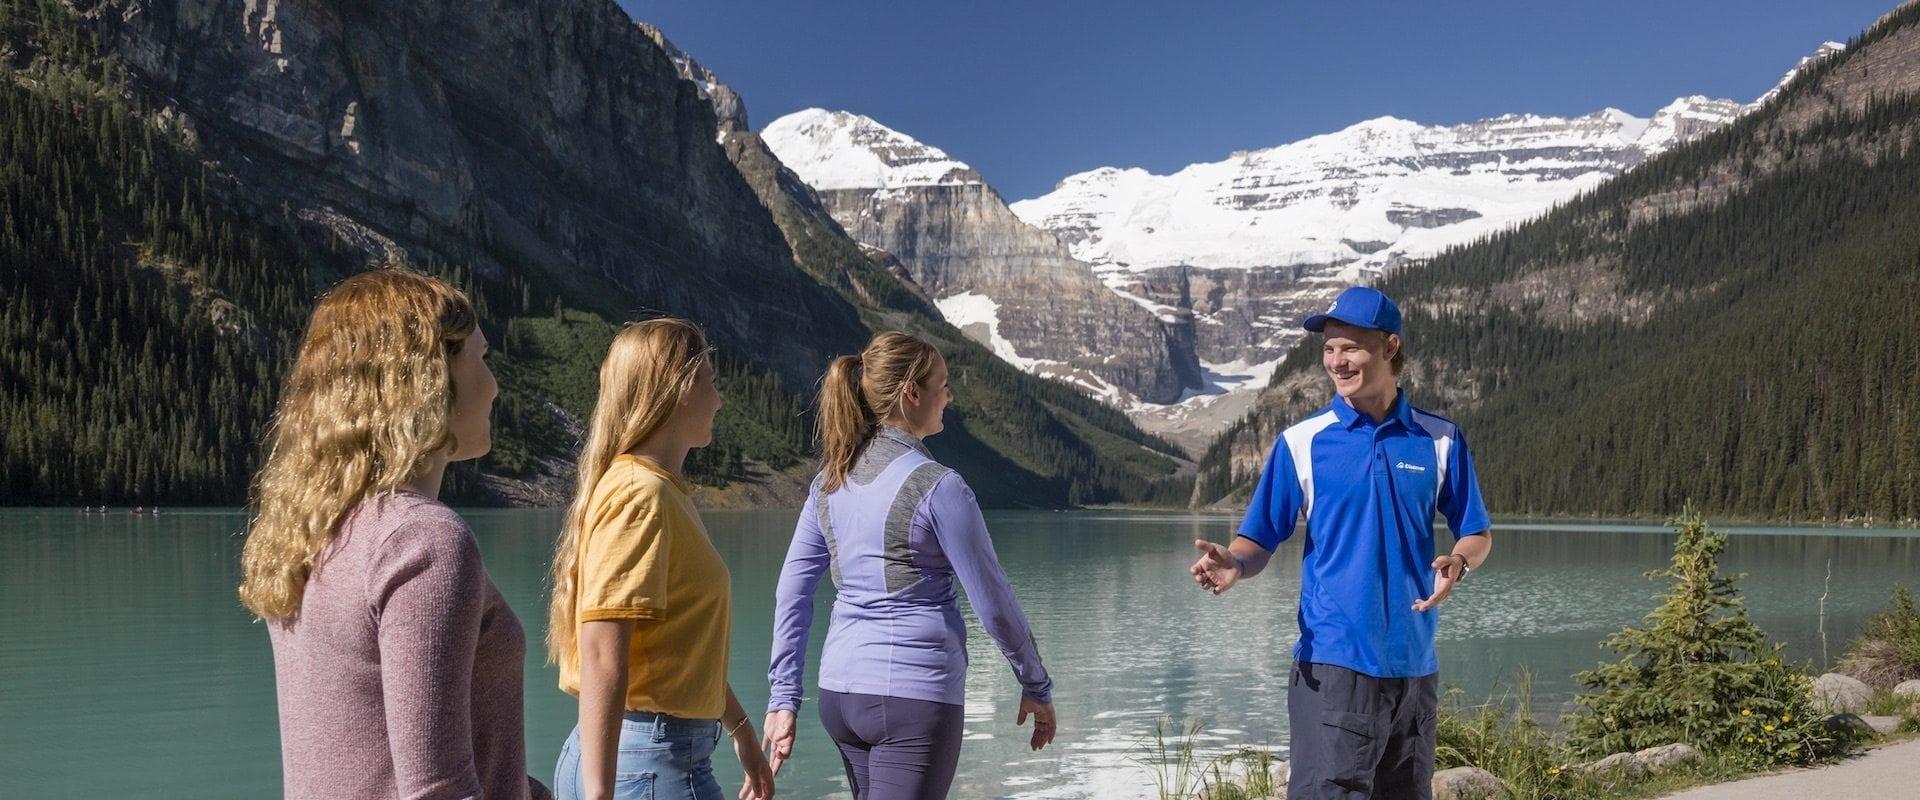 Banff + Lake Louise Tours